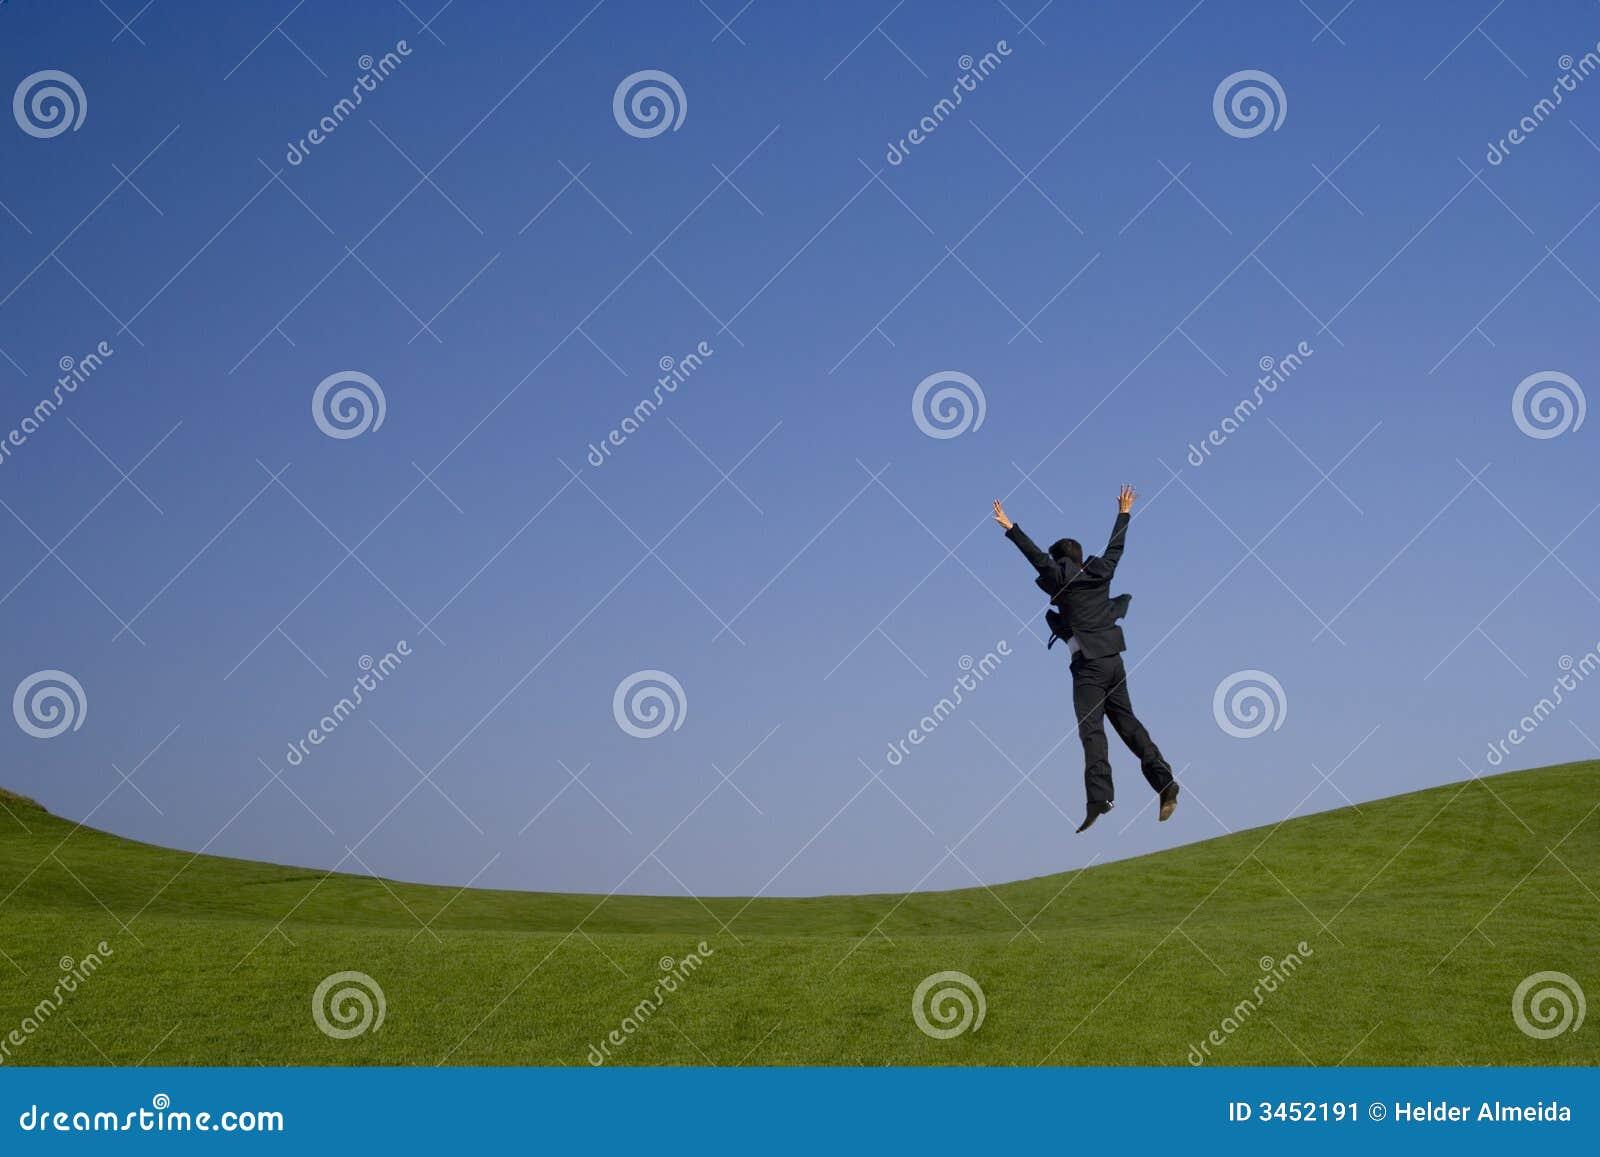 Auf das Grün hoch springen